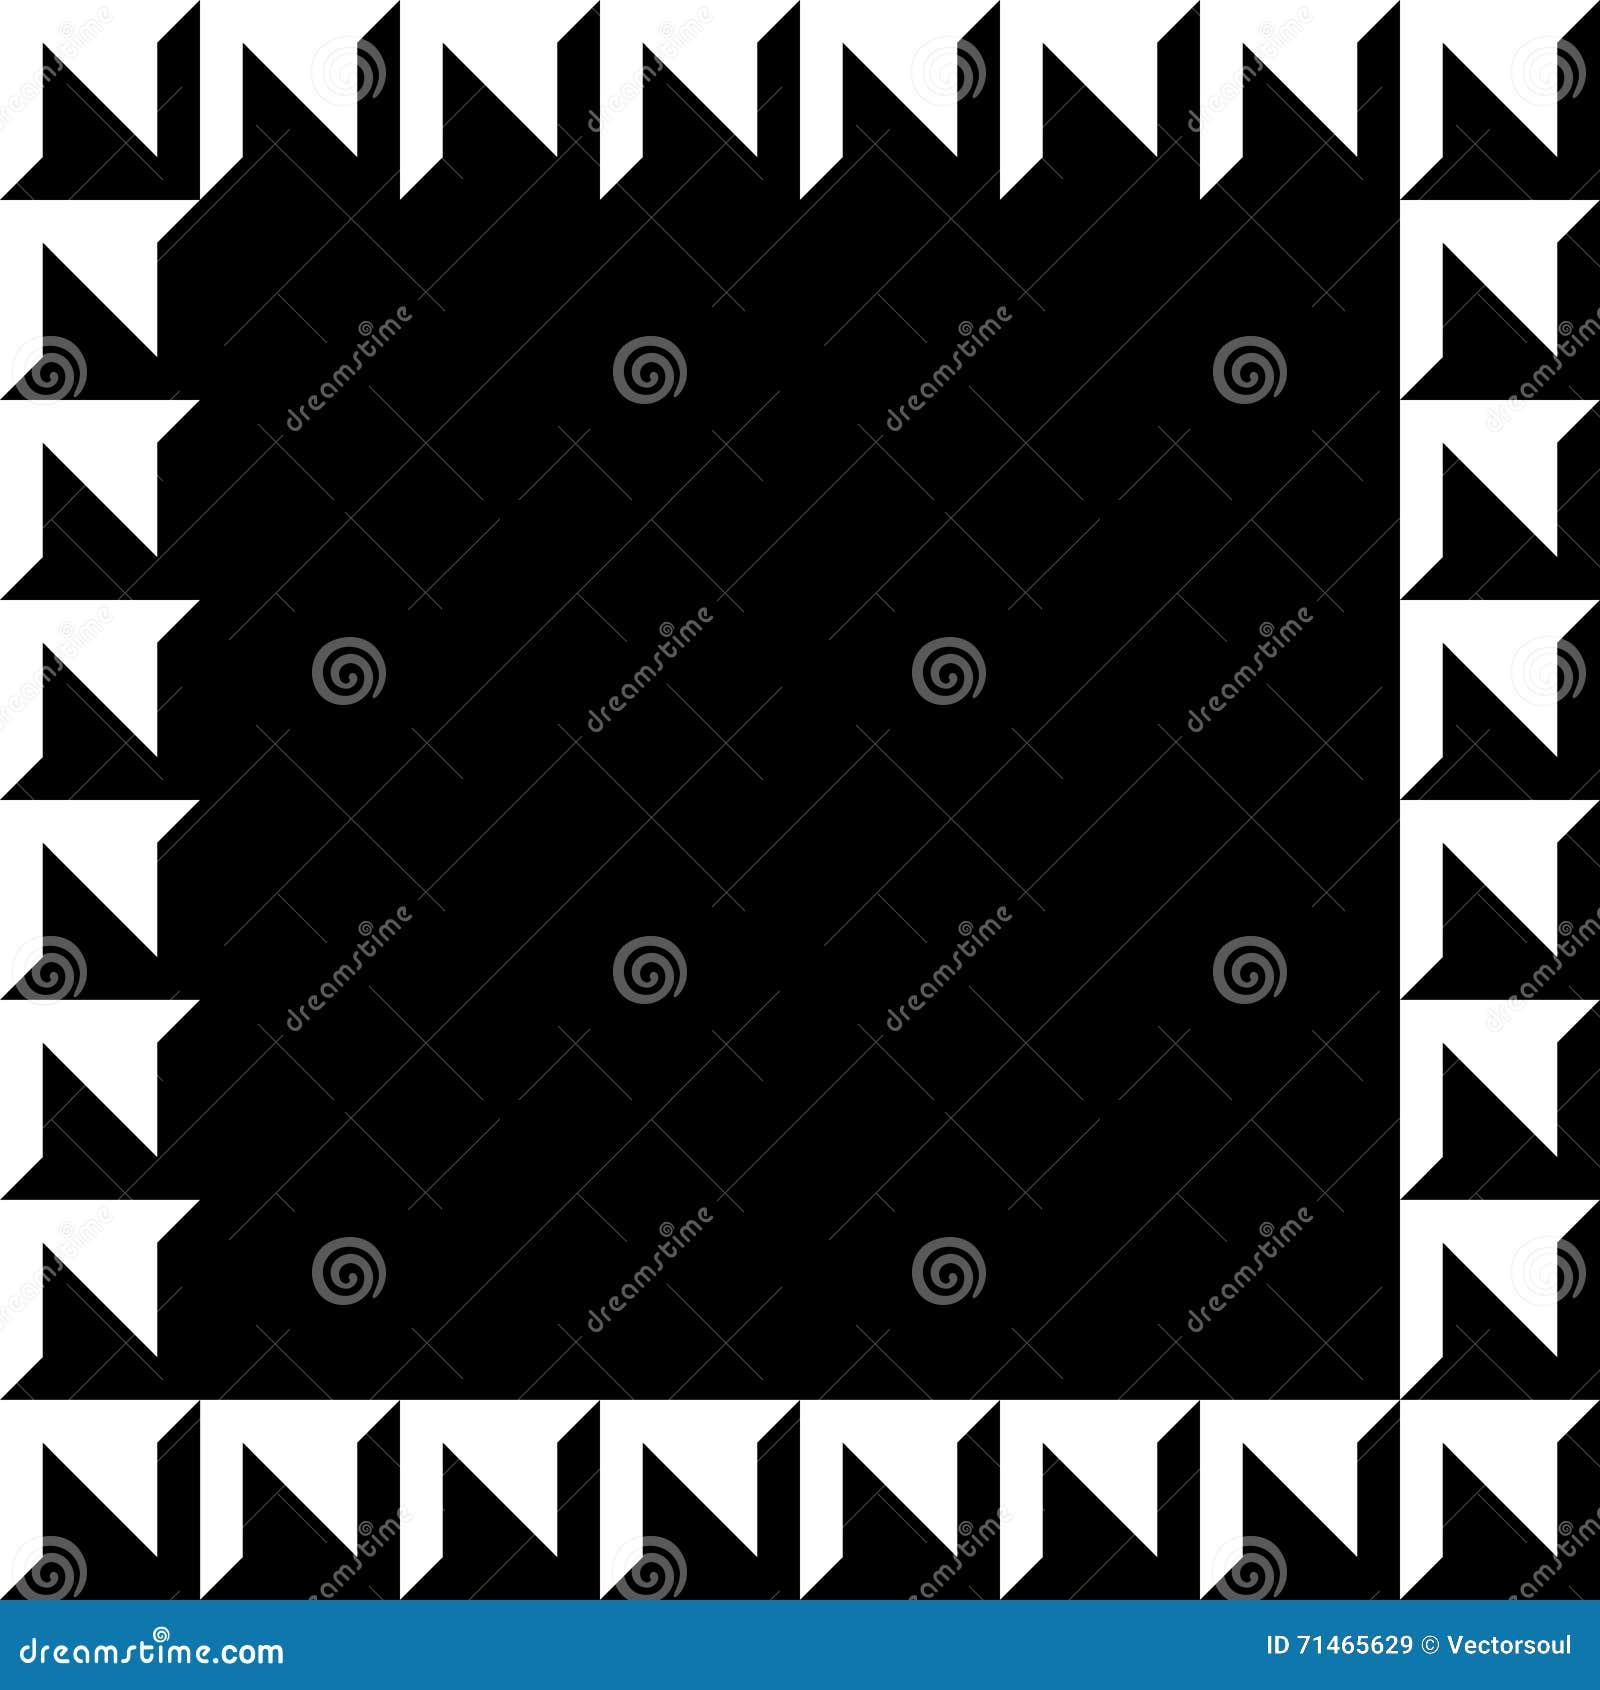 Imagem geométrica, quadro da foto no formato squarish